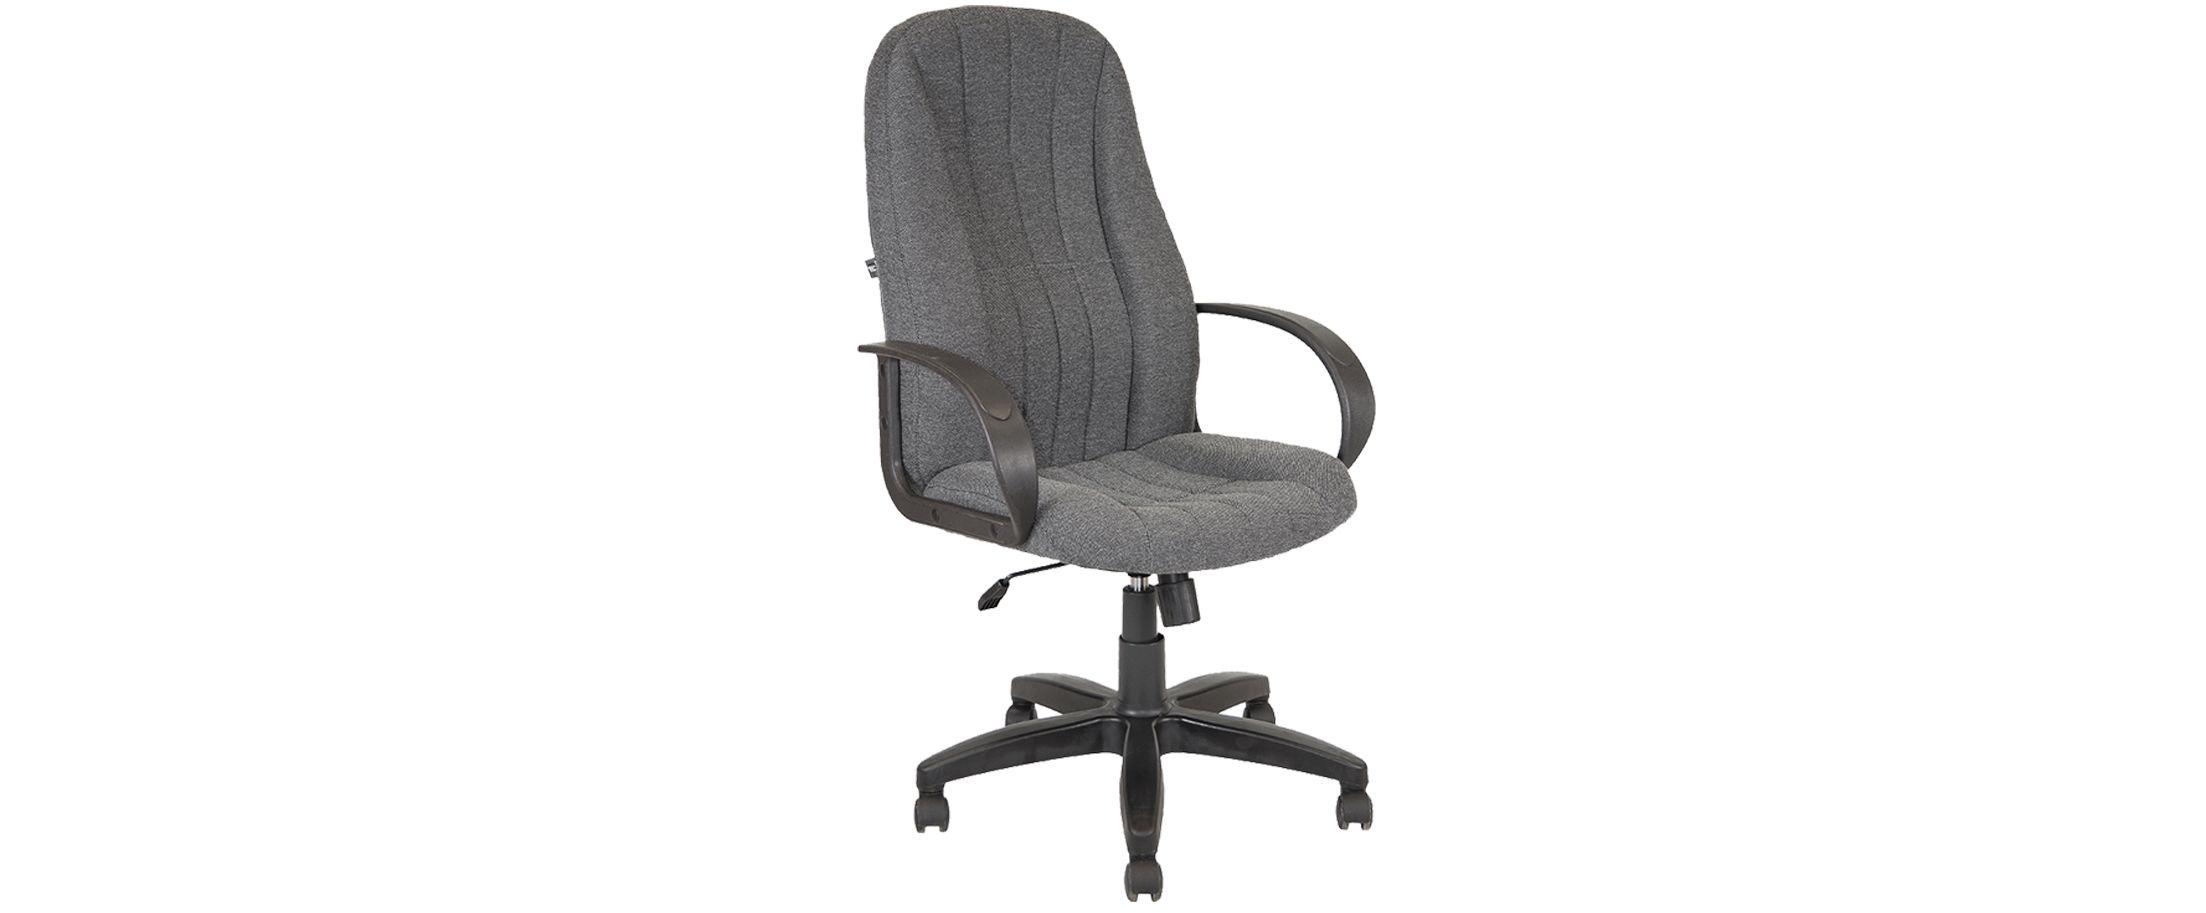 Кресло офисное AV 107 серое Модель 999 от MOON TRADE